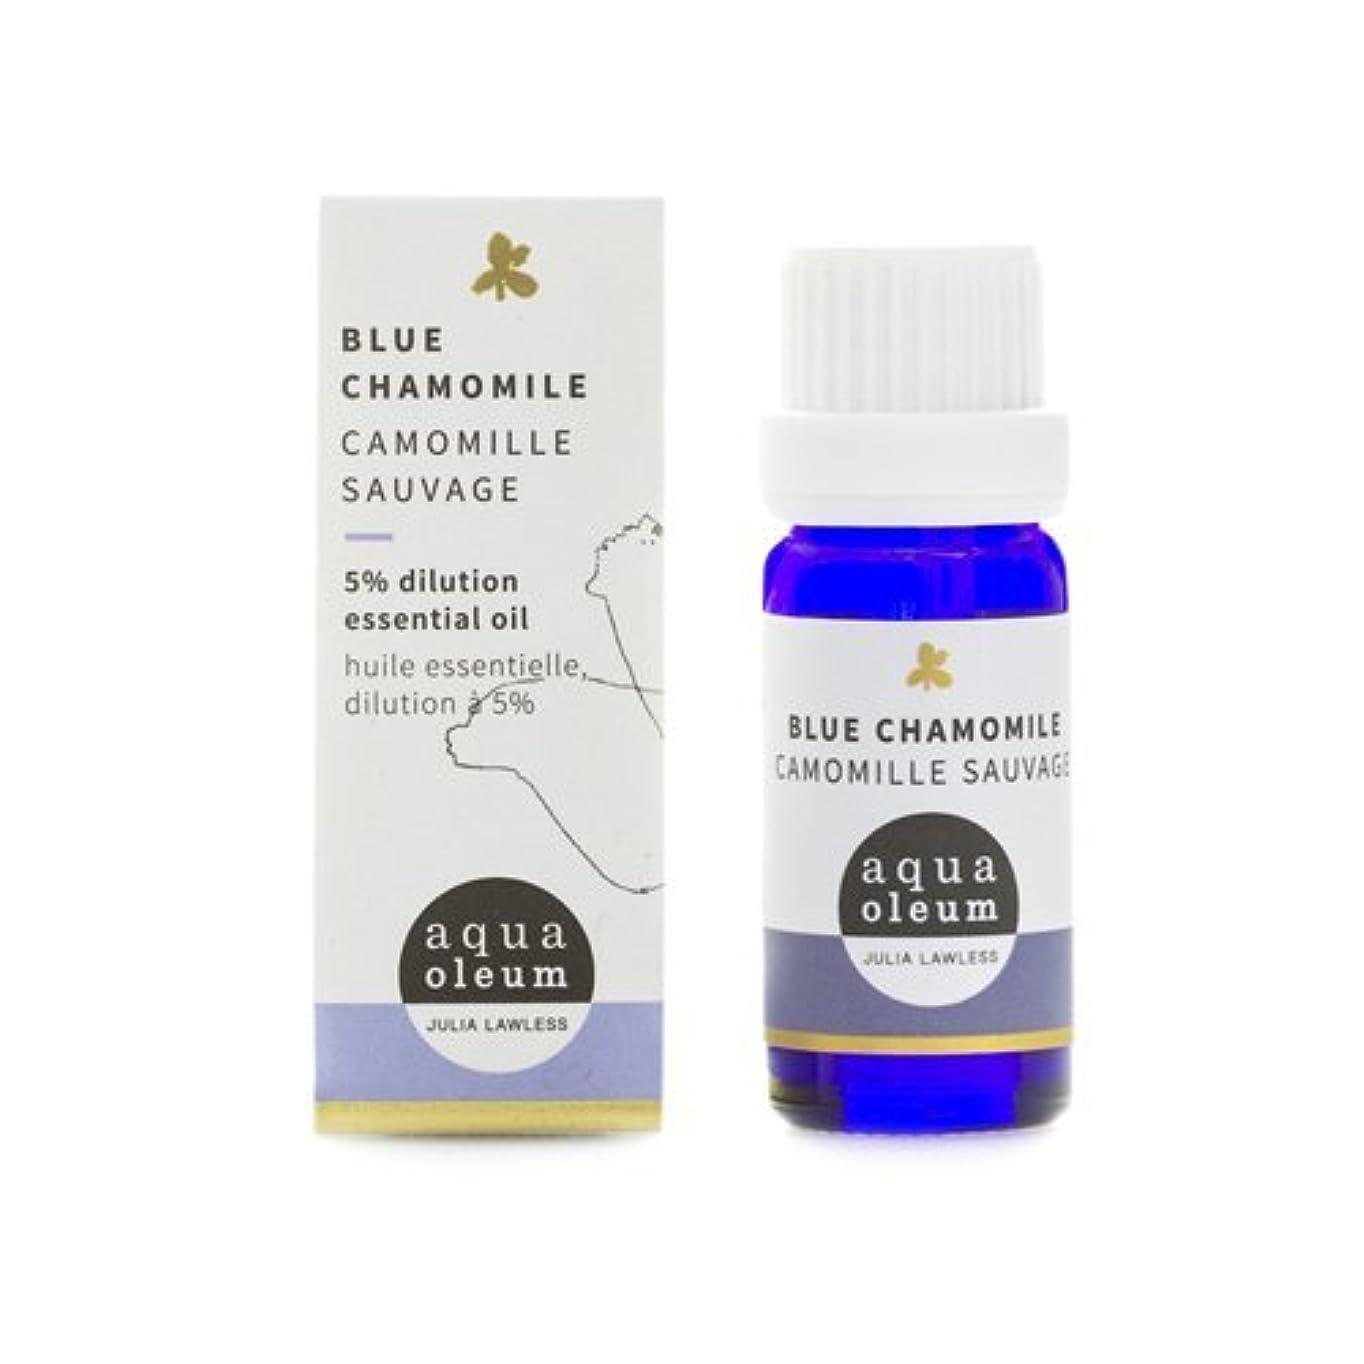 ソーシャル不安定洗練されたアクアオレウム ブレンドオイル  ジャーマンカモミール 5%ココナッツオイル希釈  10ml(精油)